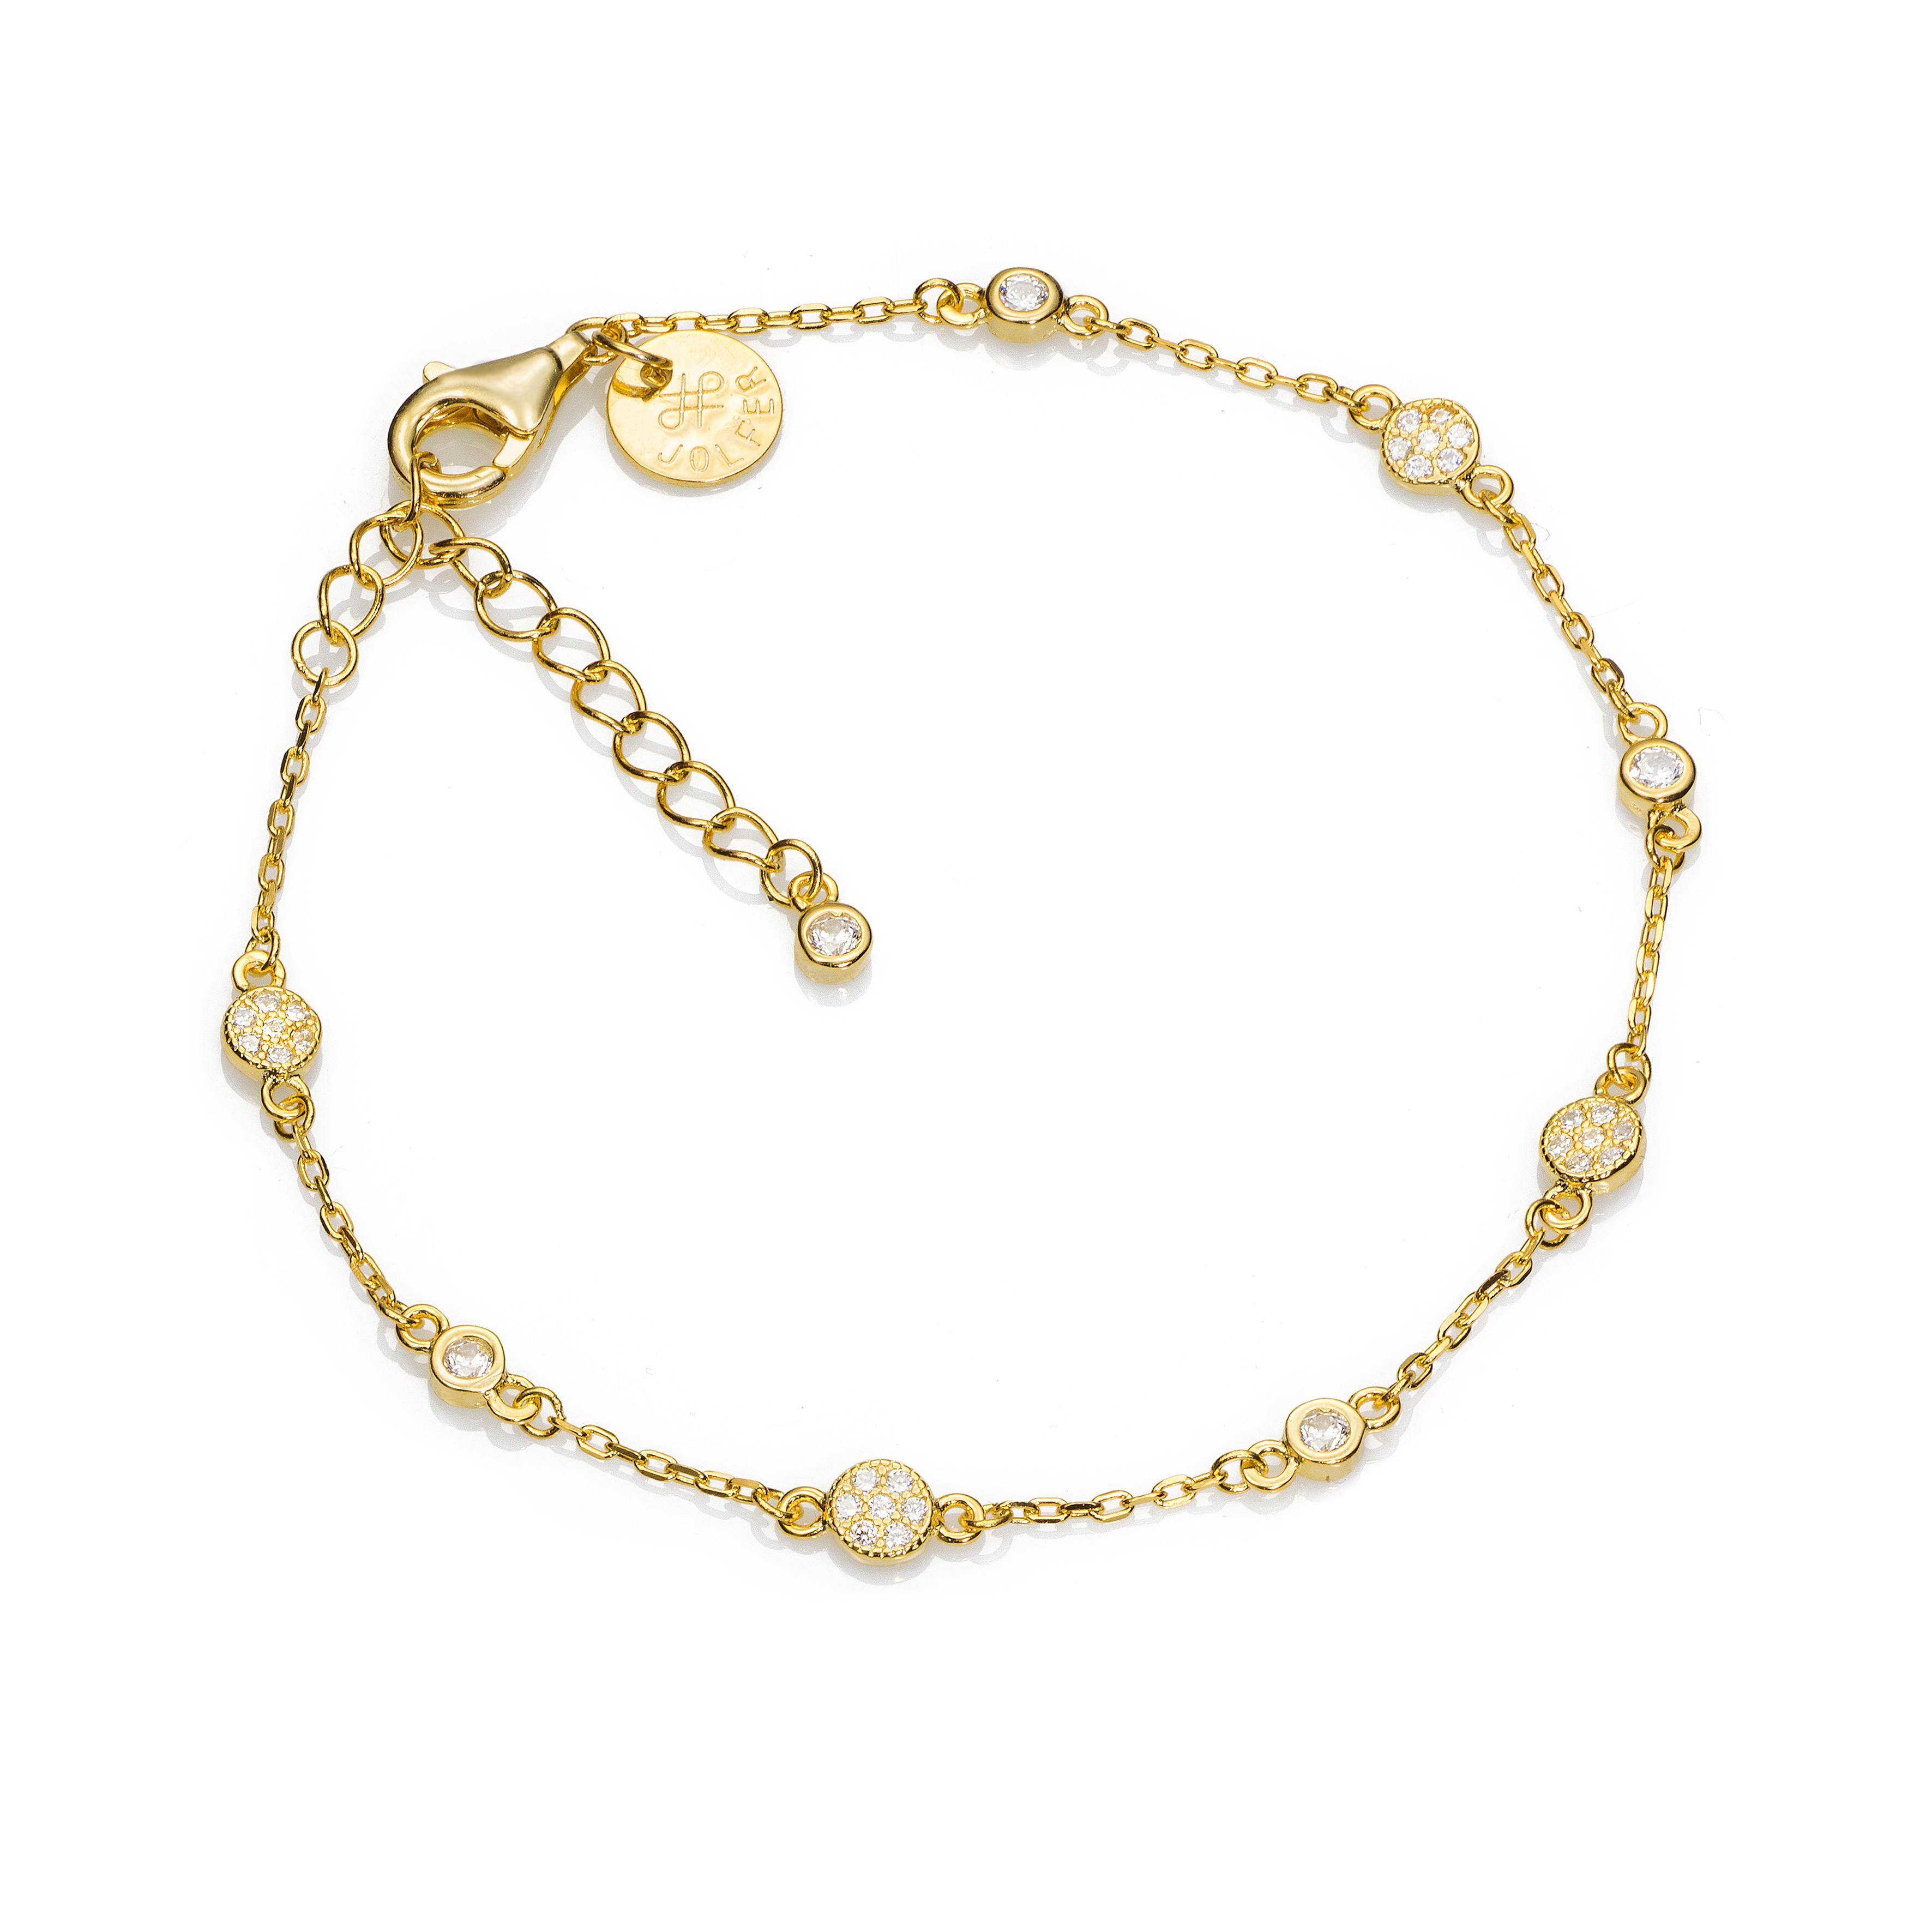 e2a2742f2793 pulsera jolfer joyeros plata de ley bañada oro amarillo circonitas 0556543